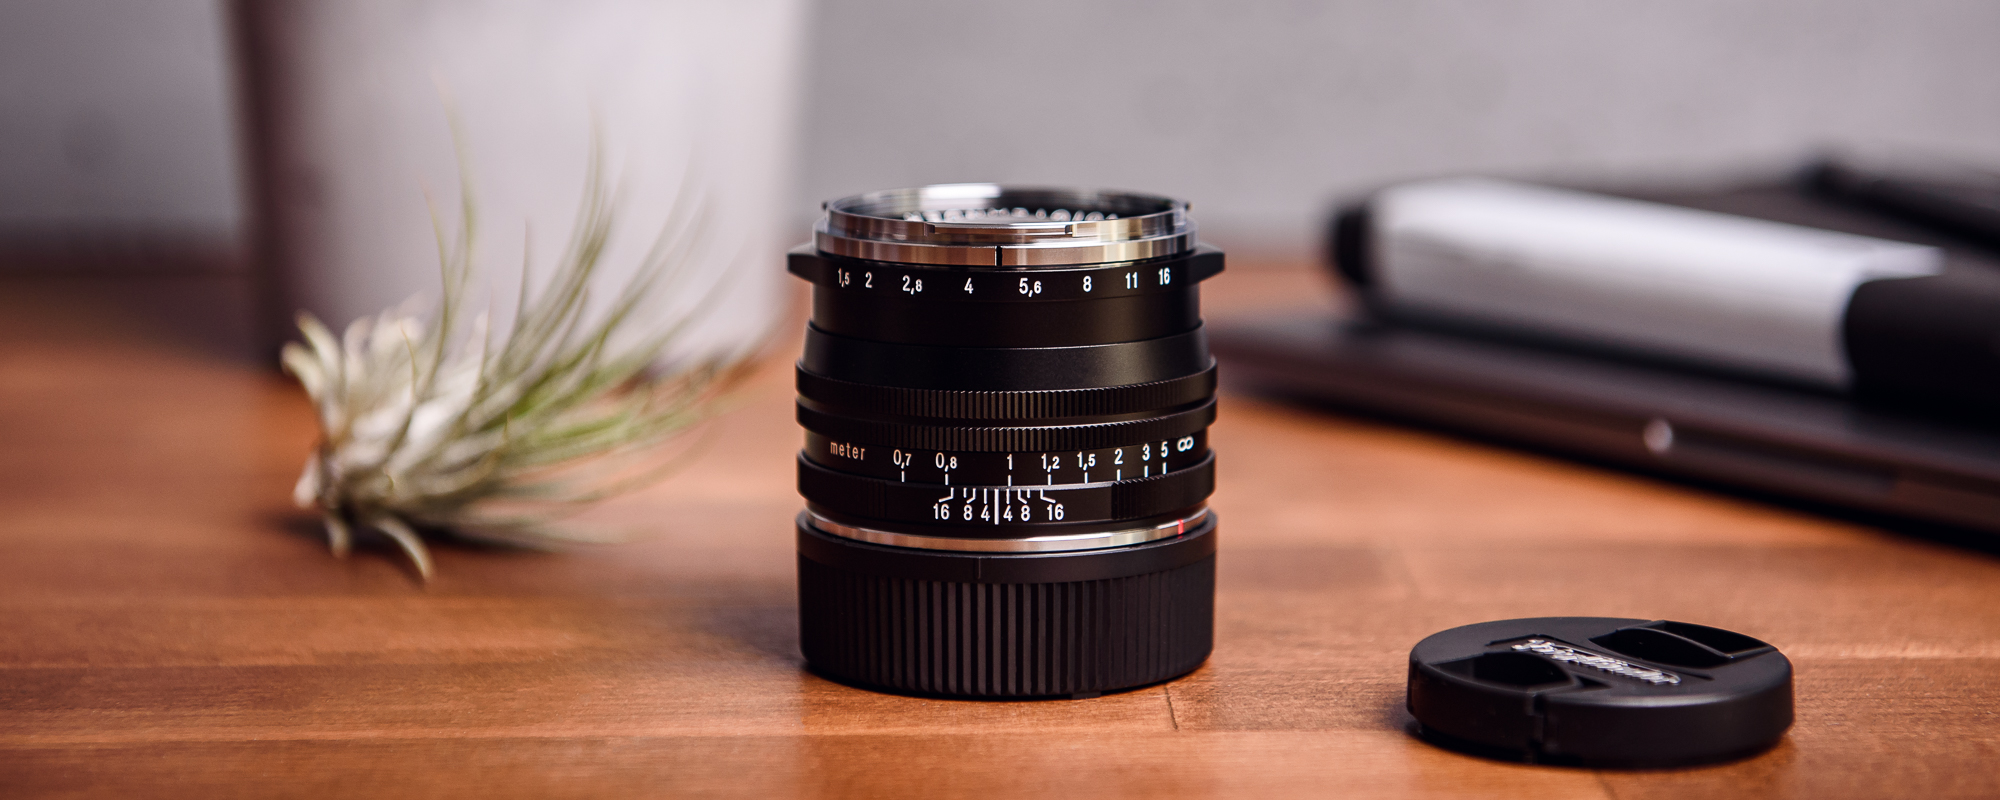 Obiektyw Voigtlander Nokton II 50 mm f/1,5 do Leica M - SC, czarny i akcesoria